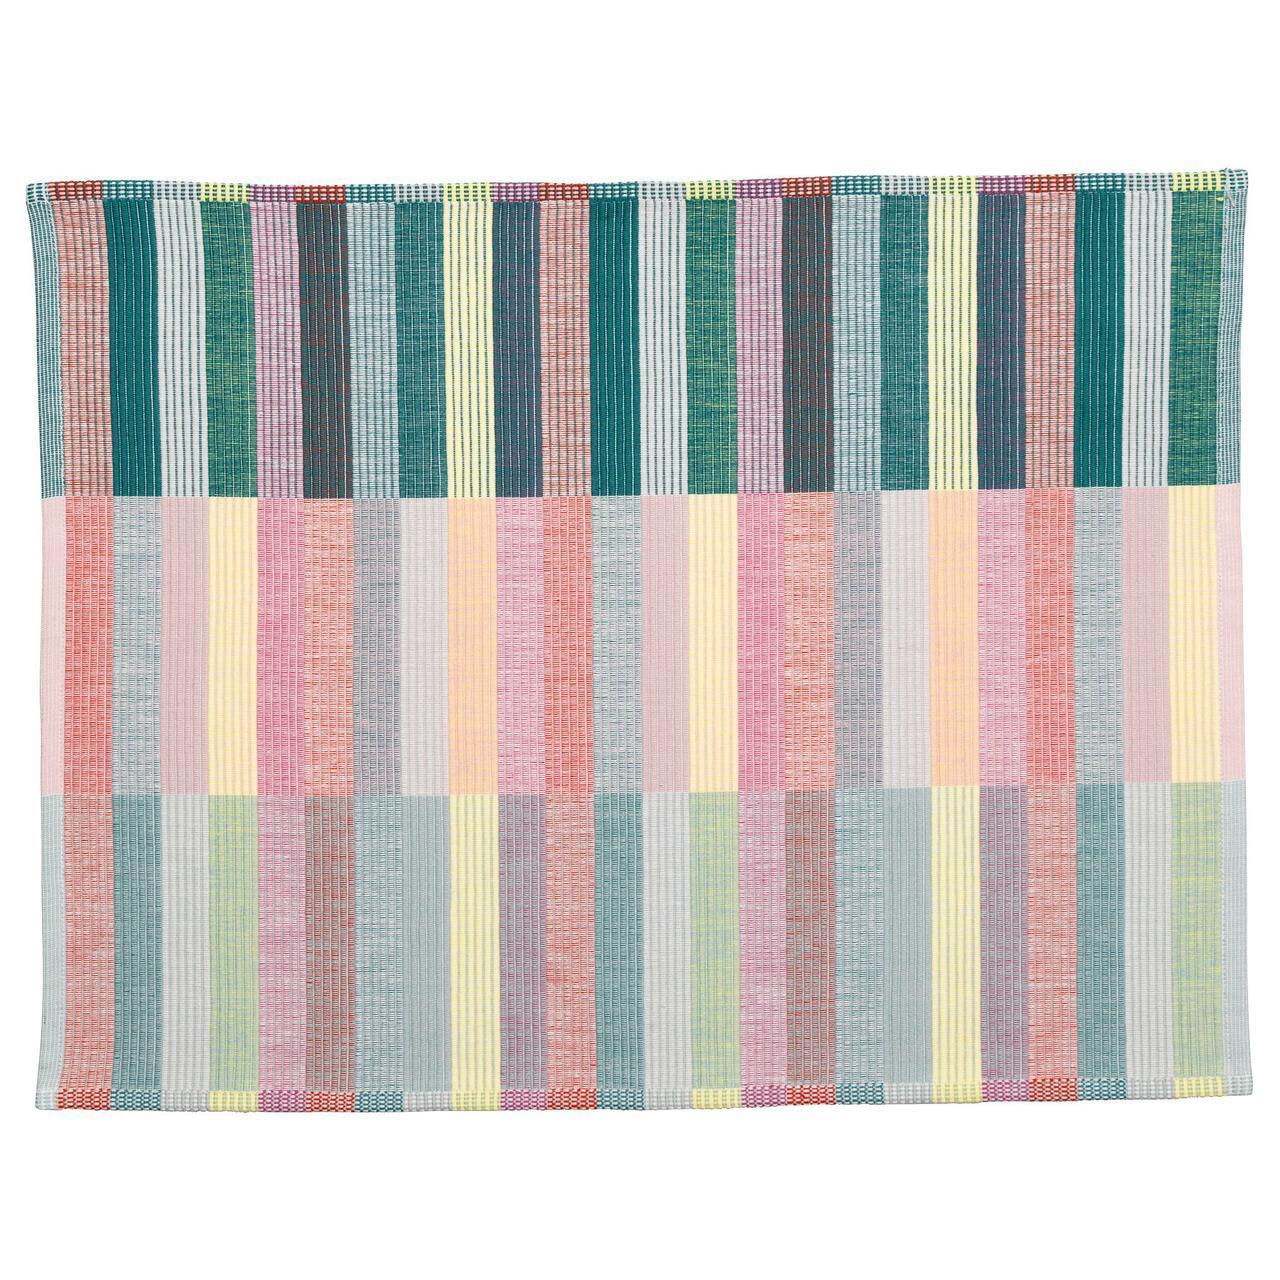 ✅ IKEA MITTBIT (803.435.65) Салфетка под приборы,, розовая бирюзовая, светло-зеленая